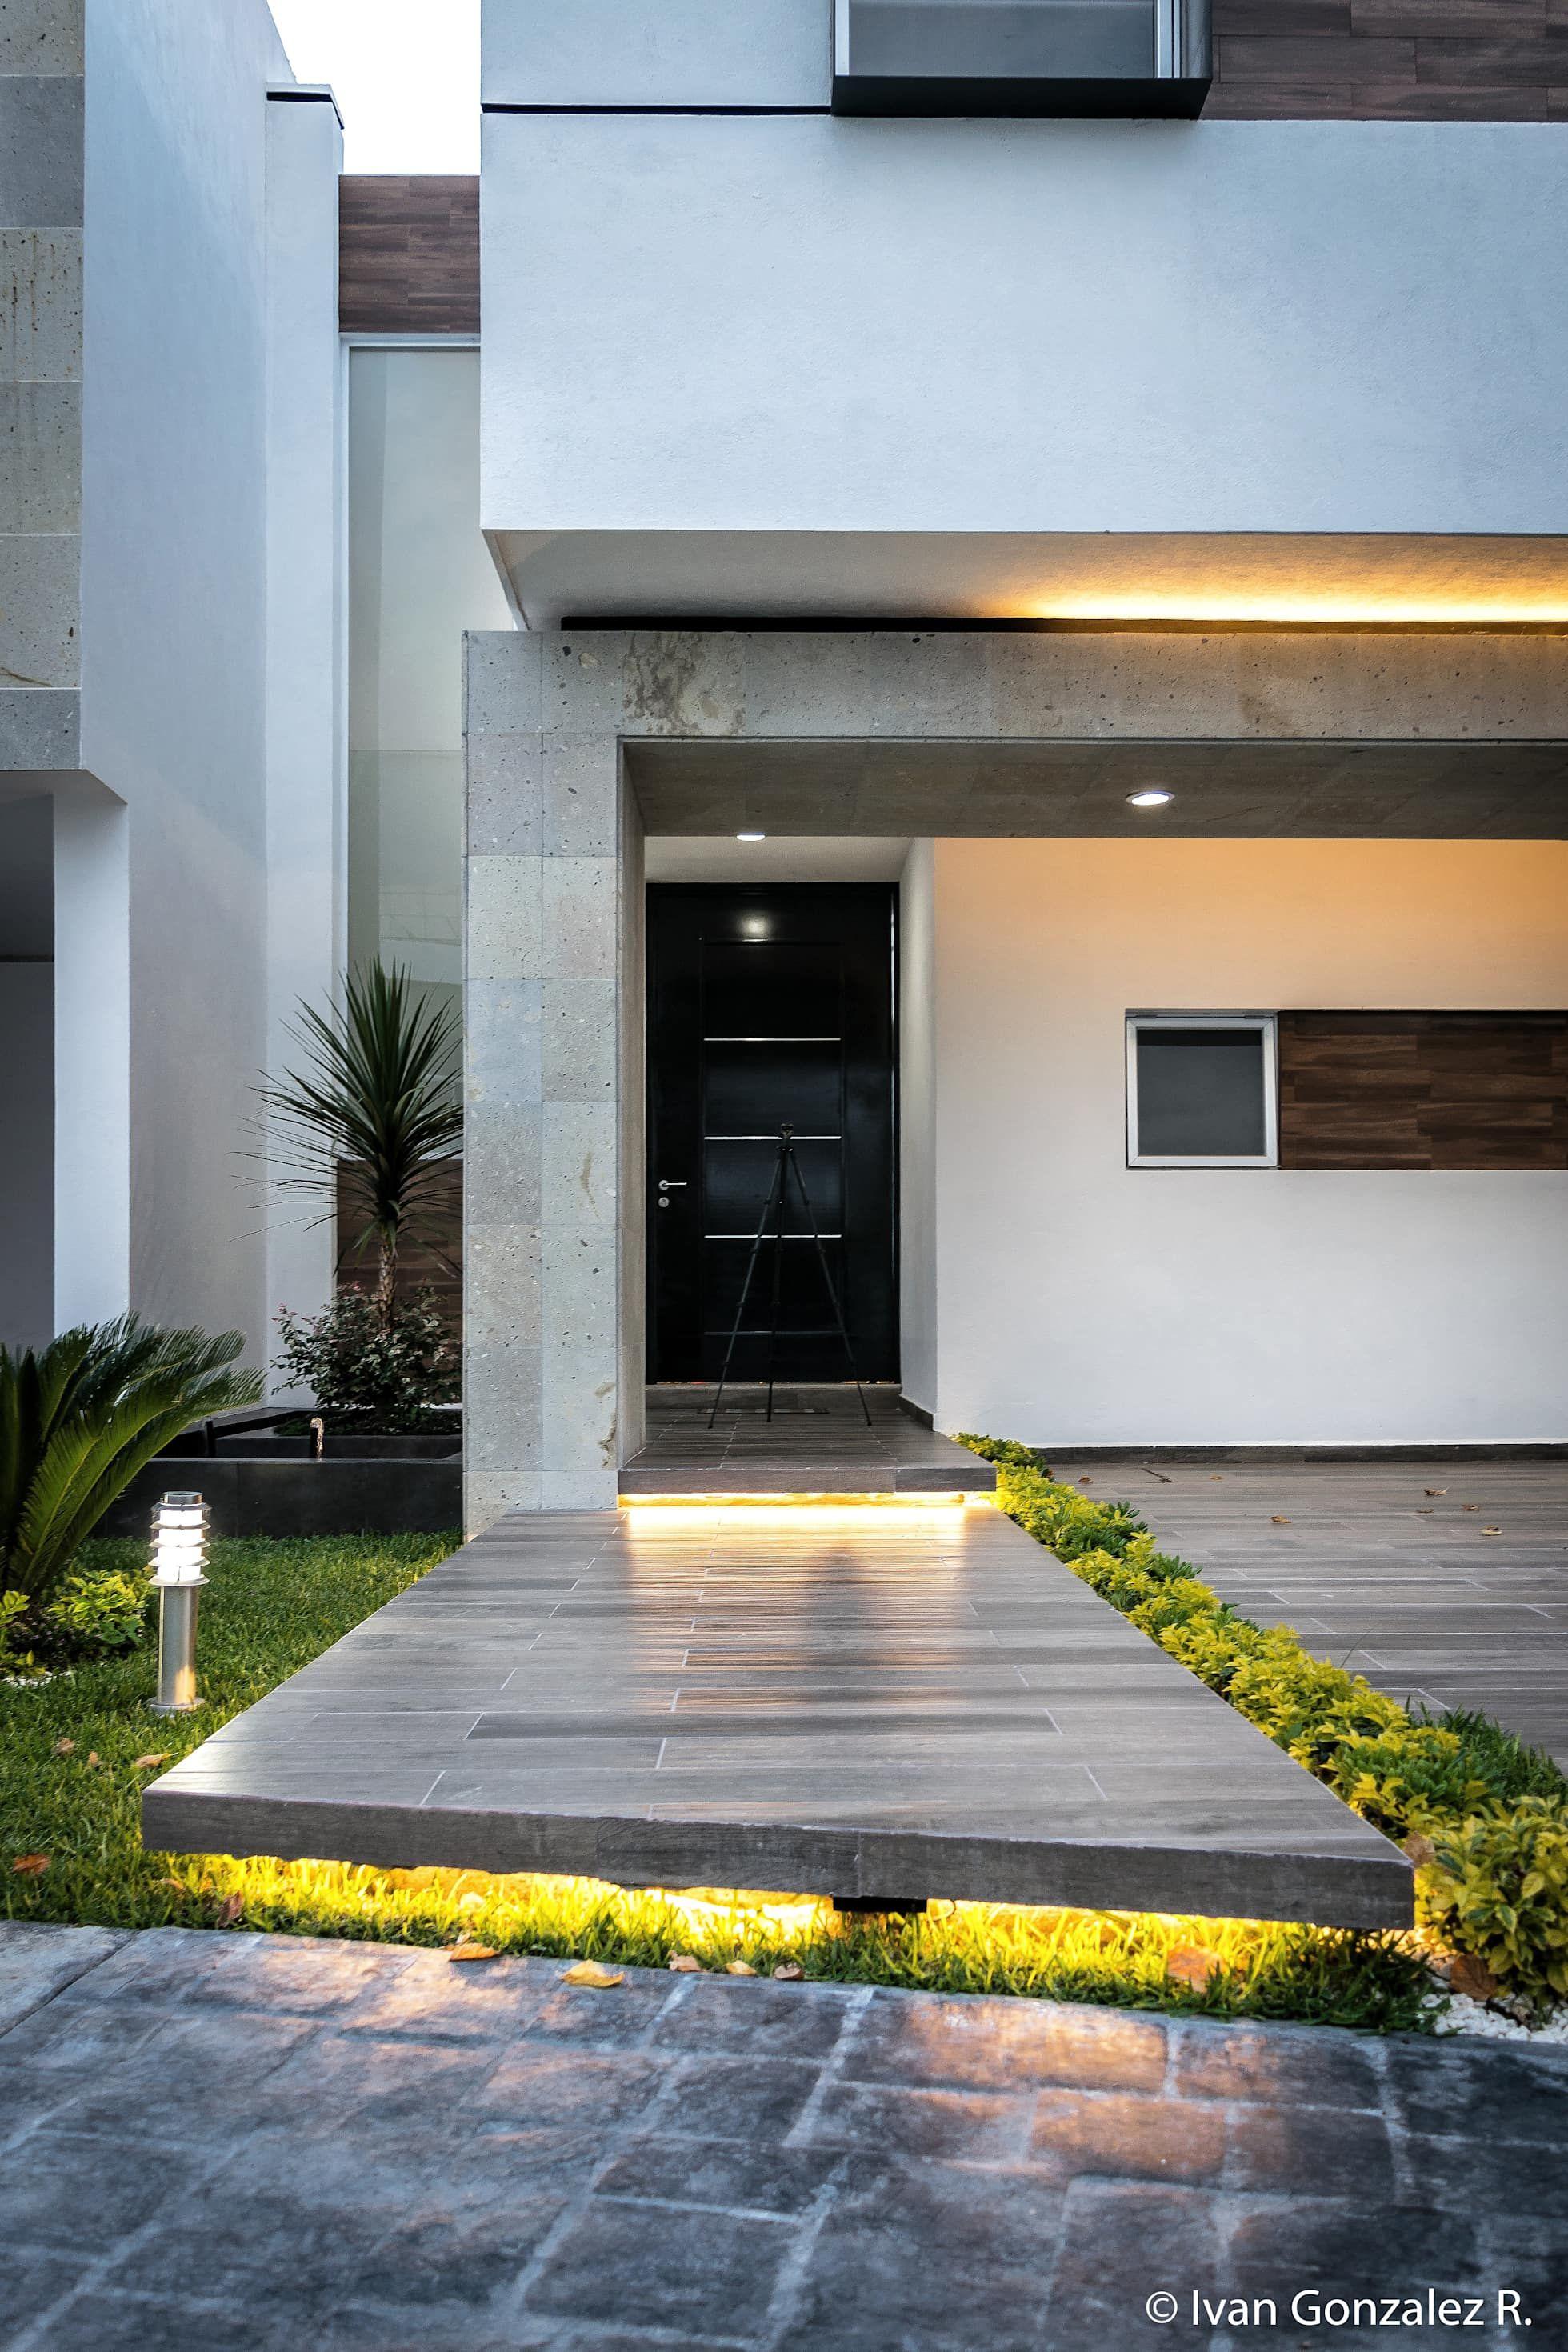 Casa Diana Casas De Estilo Minimalista Por Arqduo Fachadas Casas Minimalistas Entradas De Casas Pequenas Entrada De Casas Modernas